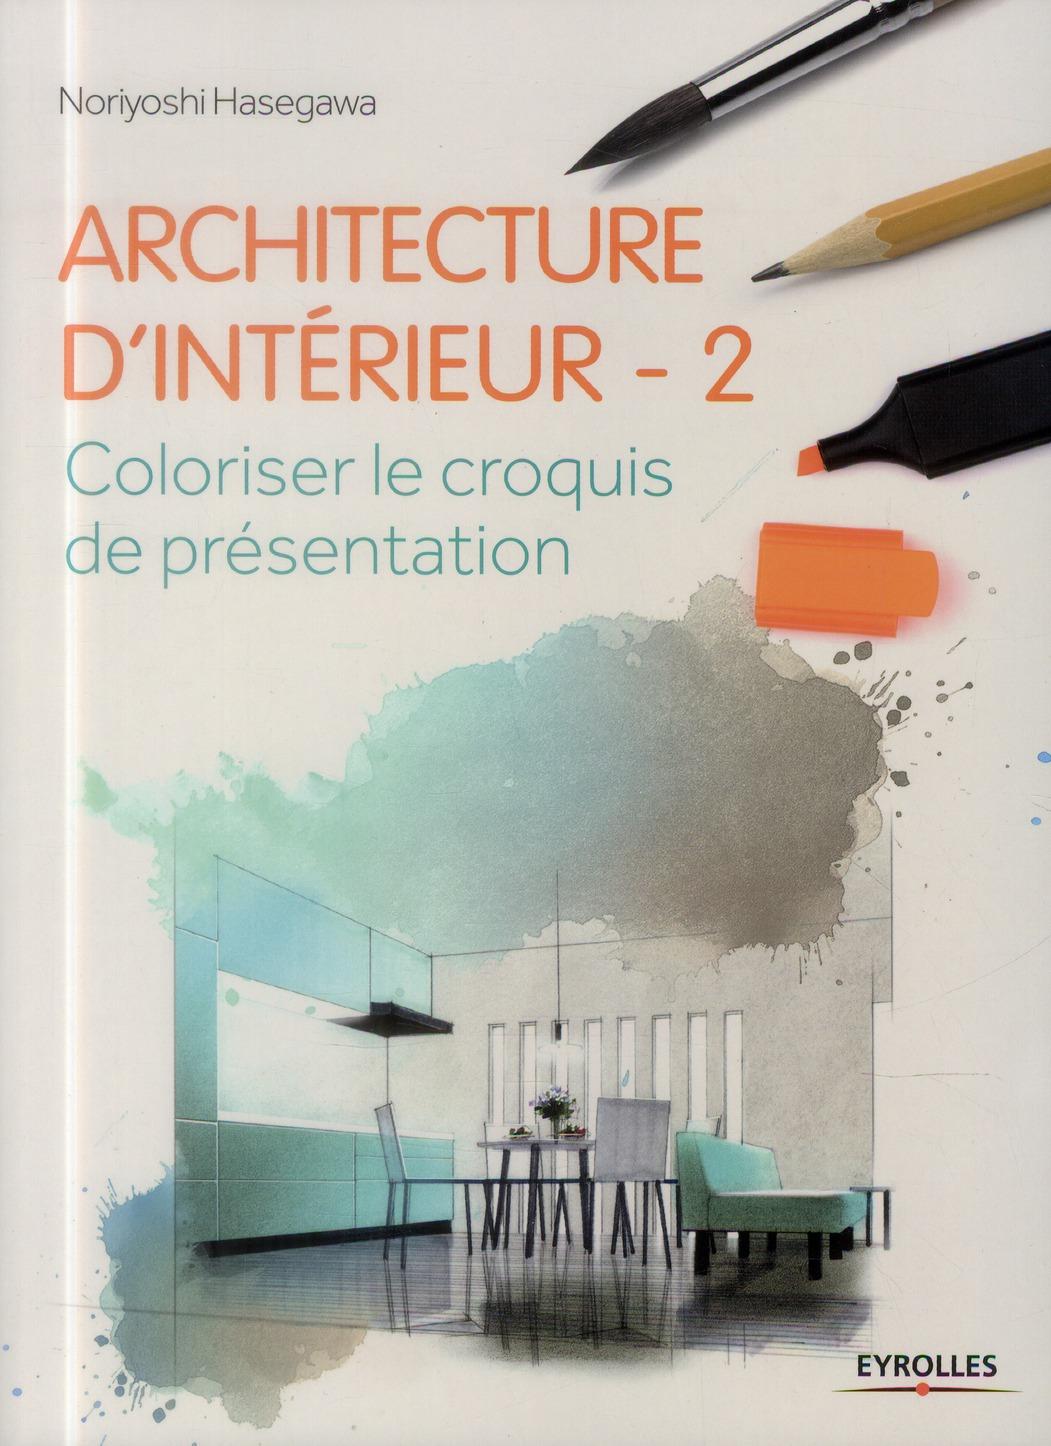 ARCHITECTURE D'INTERIEUR 2. COLORISER LE CROQUIS DE PRESENTATION